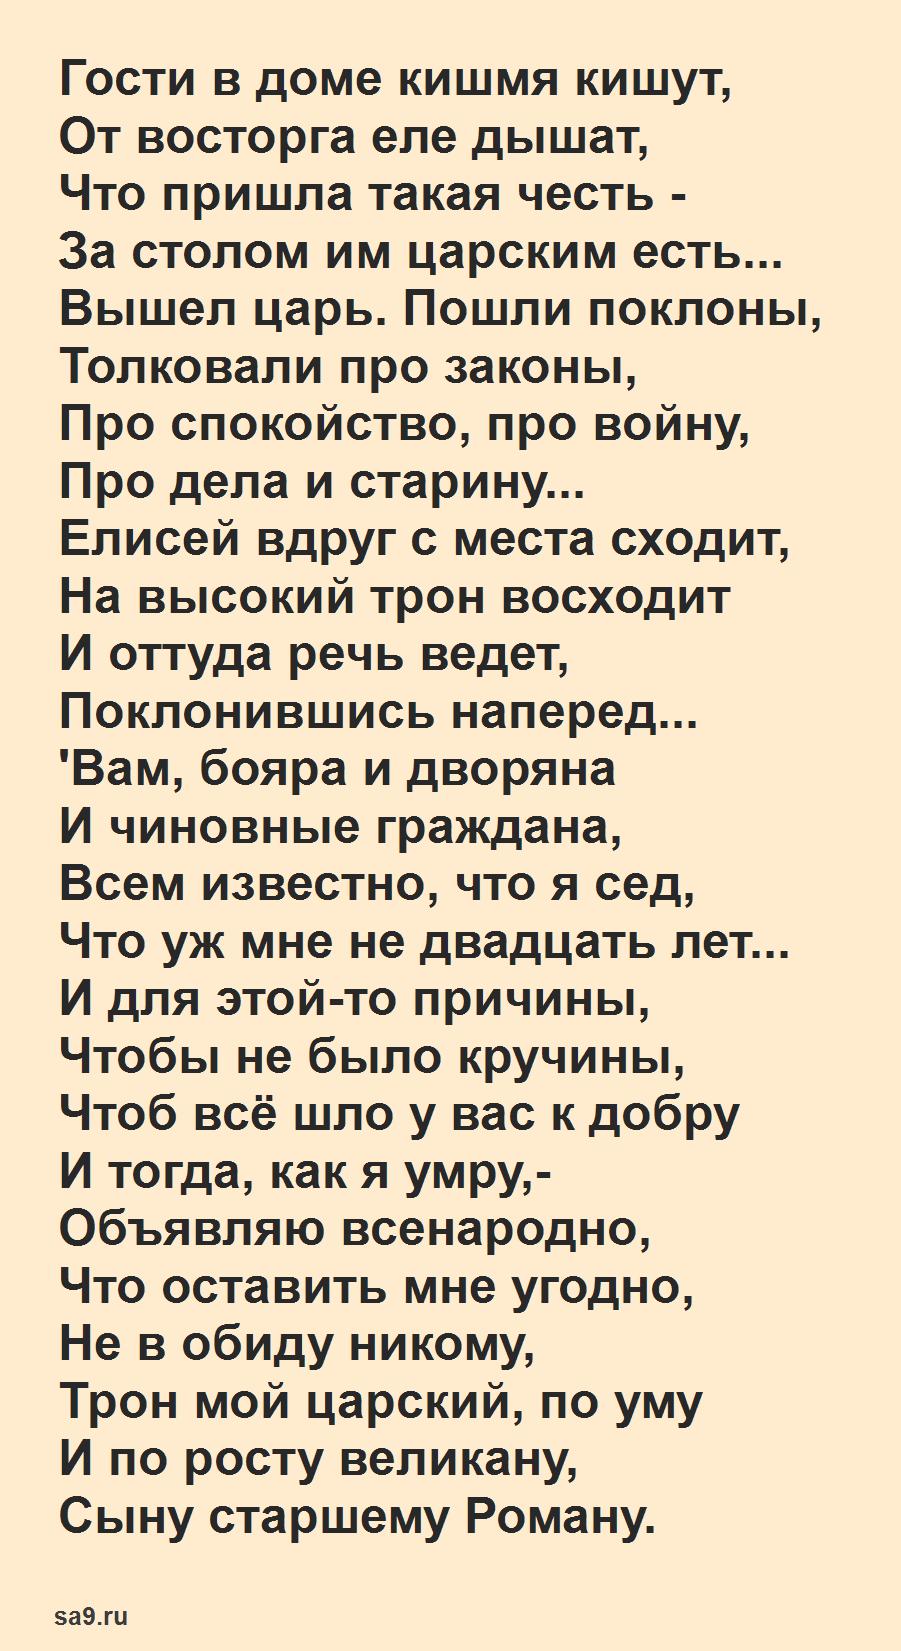 Читать сказку 'О царевне Ясносвете', Некрасов